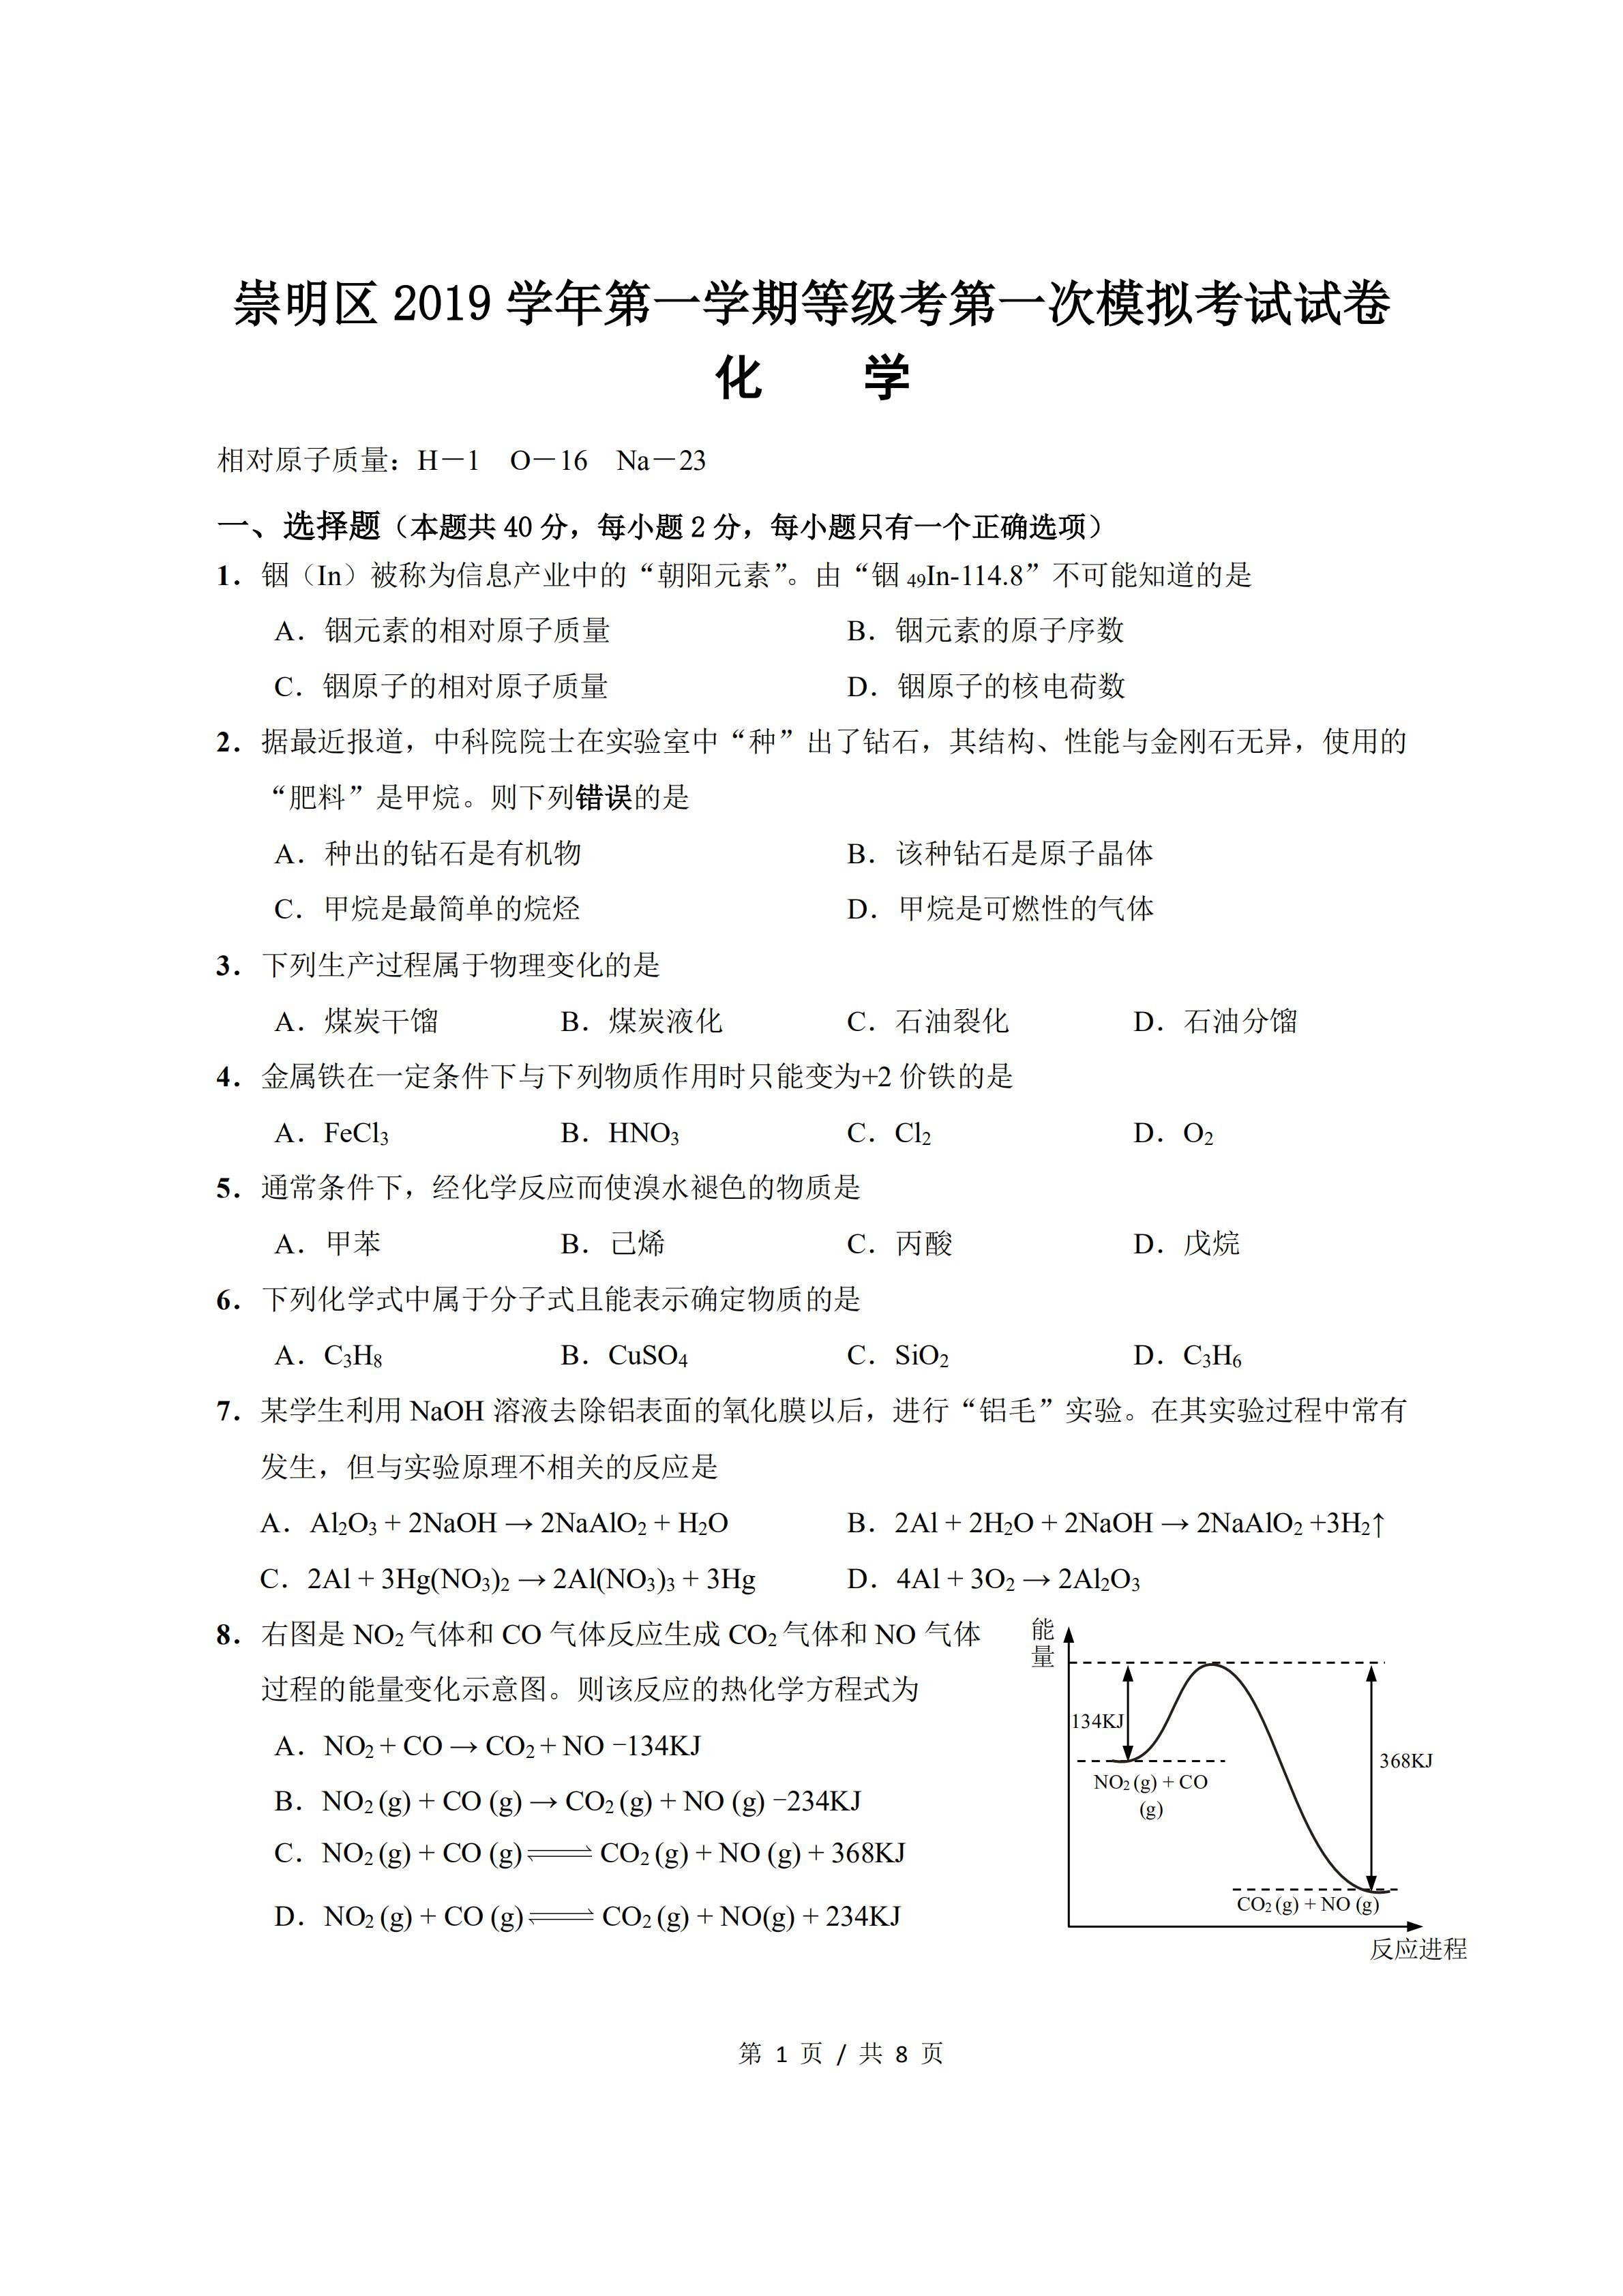 2020上海崇明高三一模(期末)化学试卷答案解析